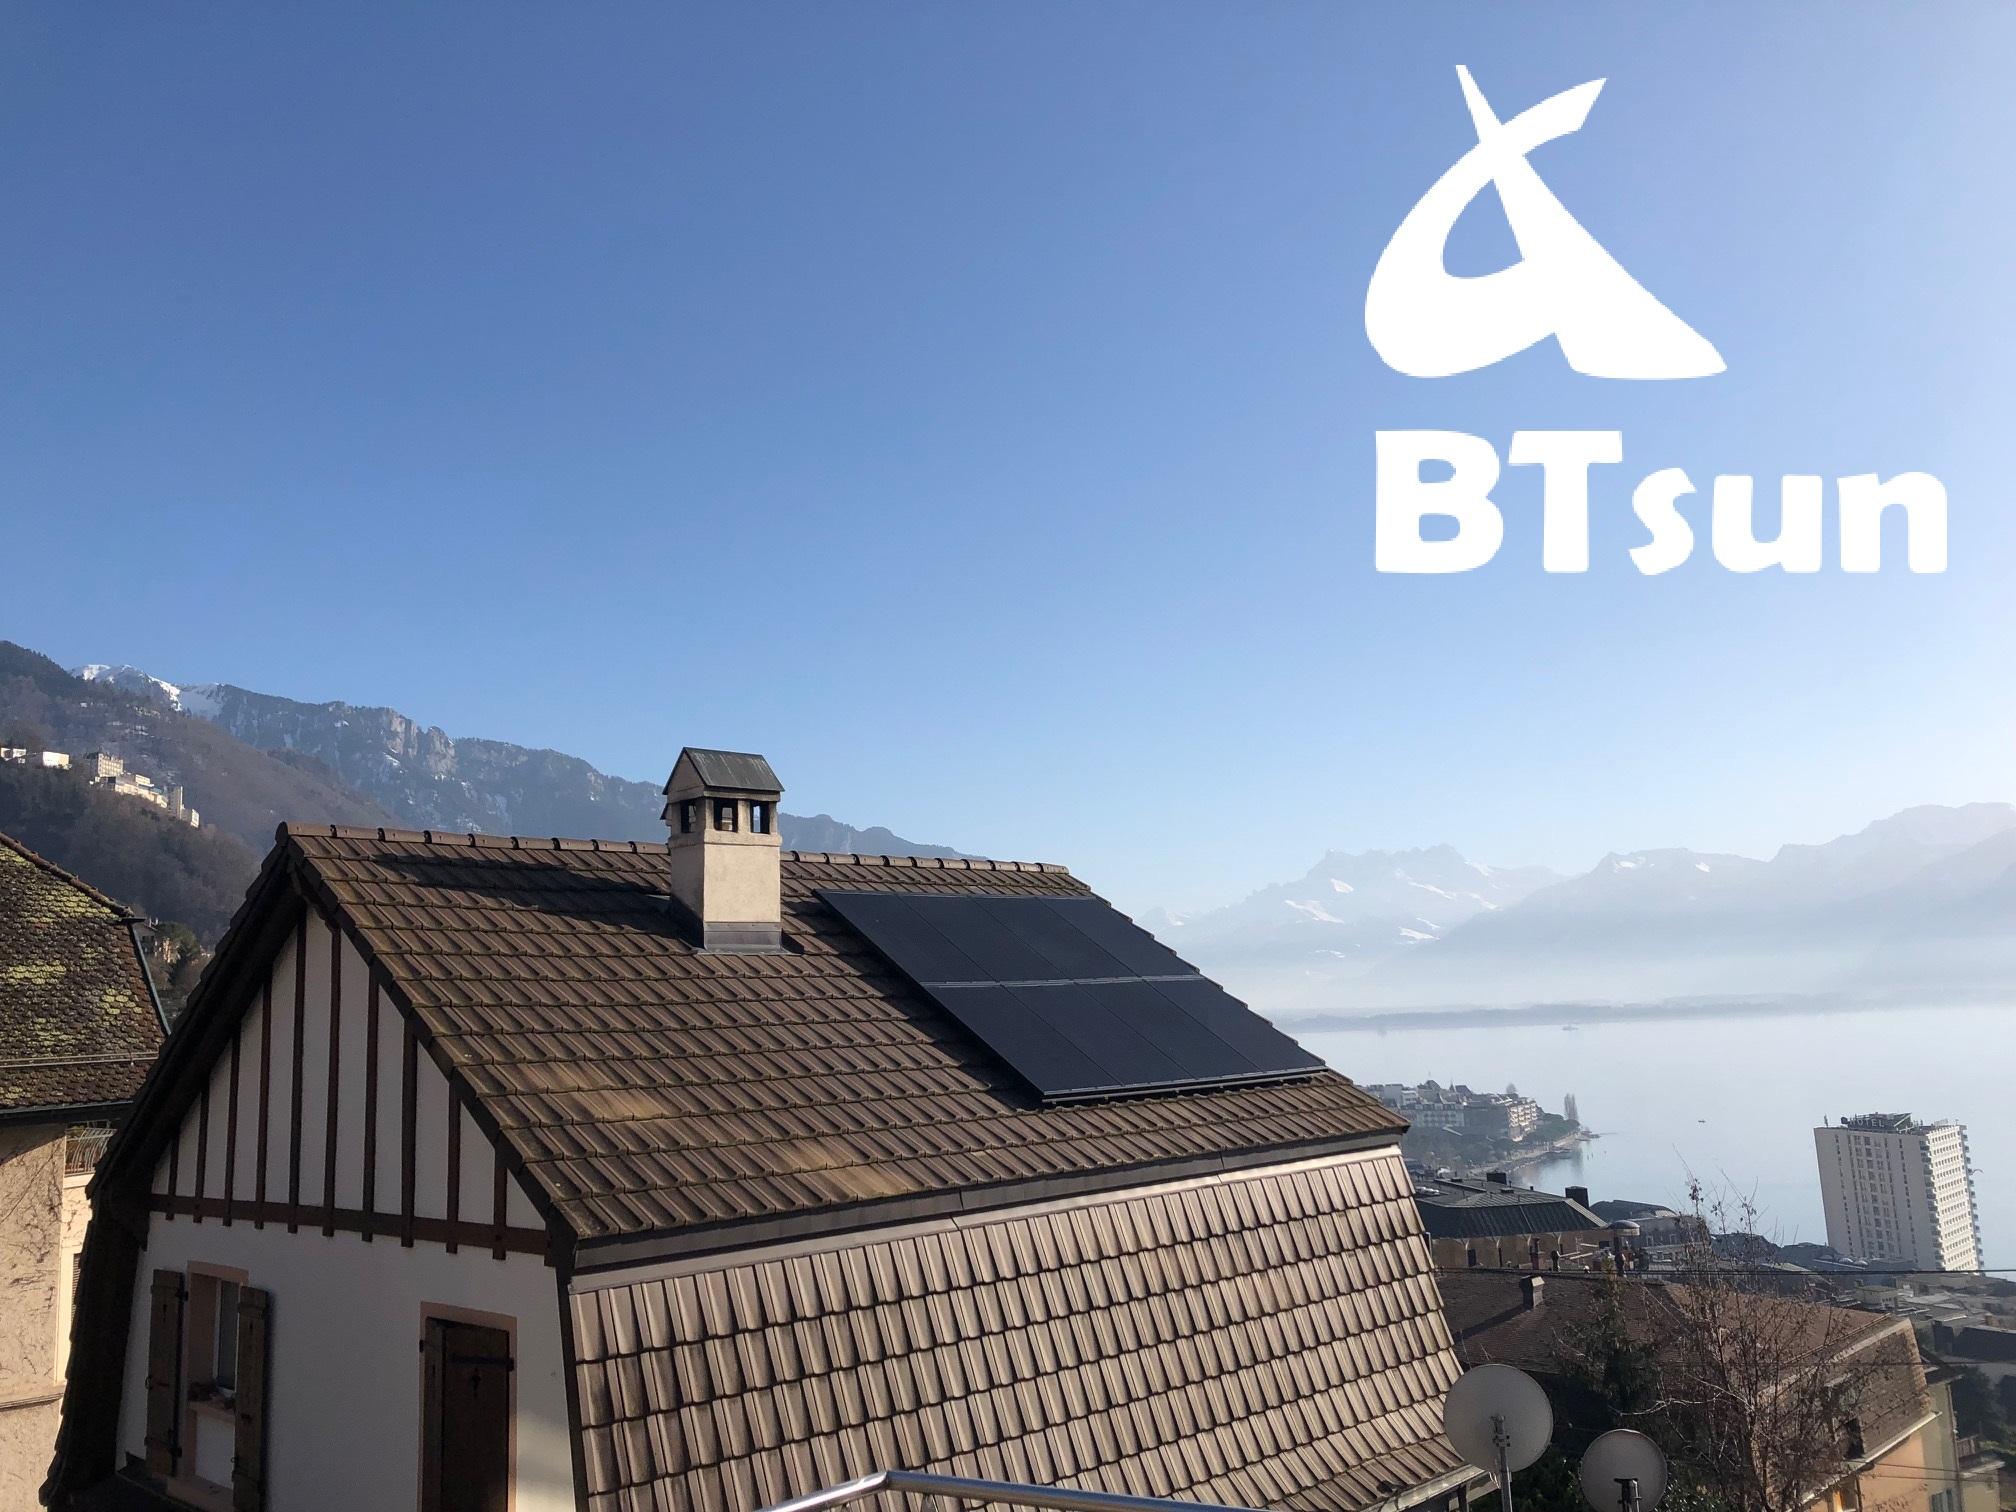 Silvestro - Montreux